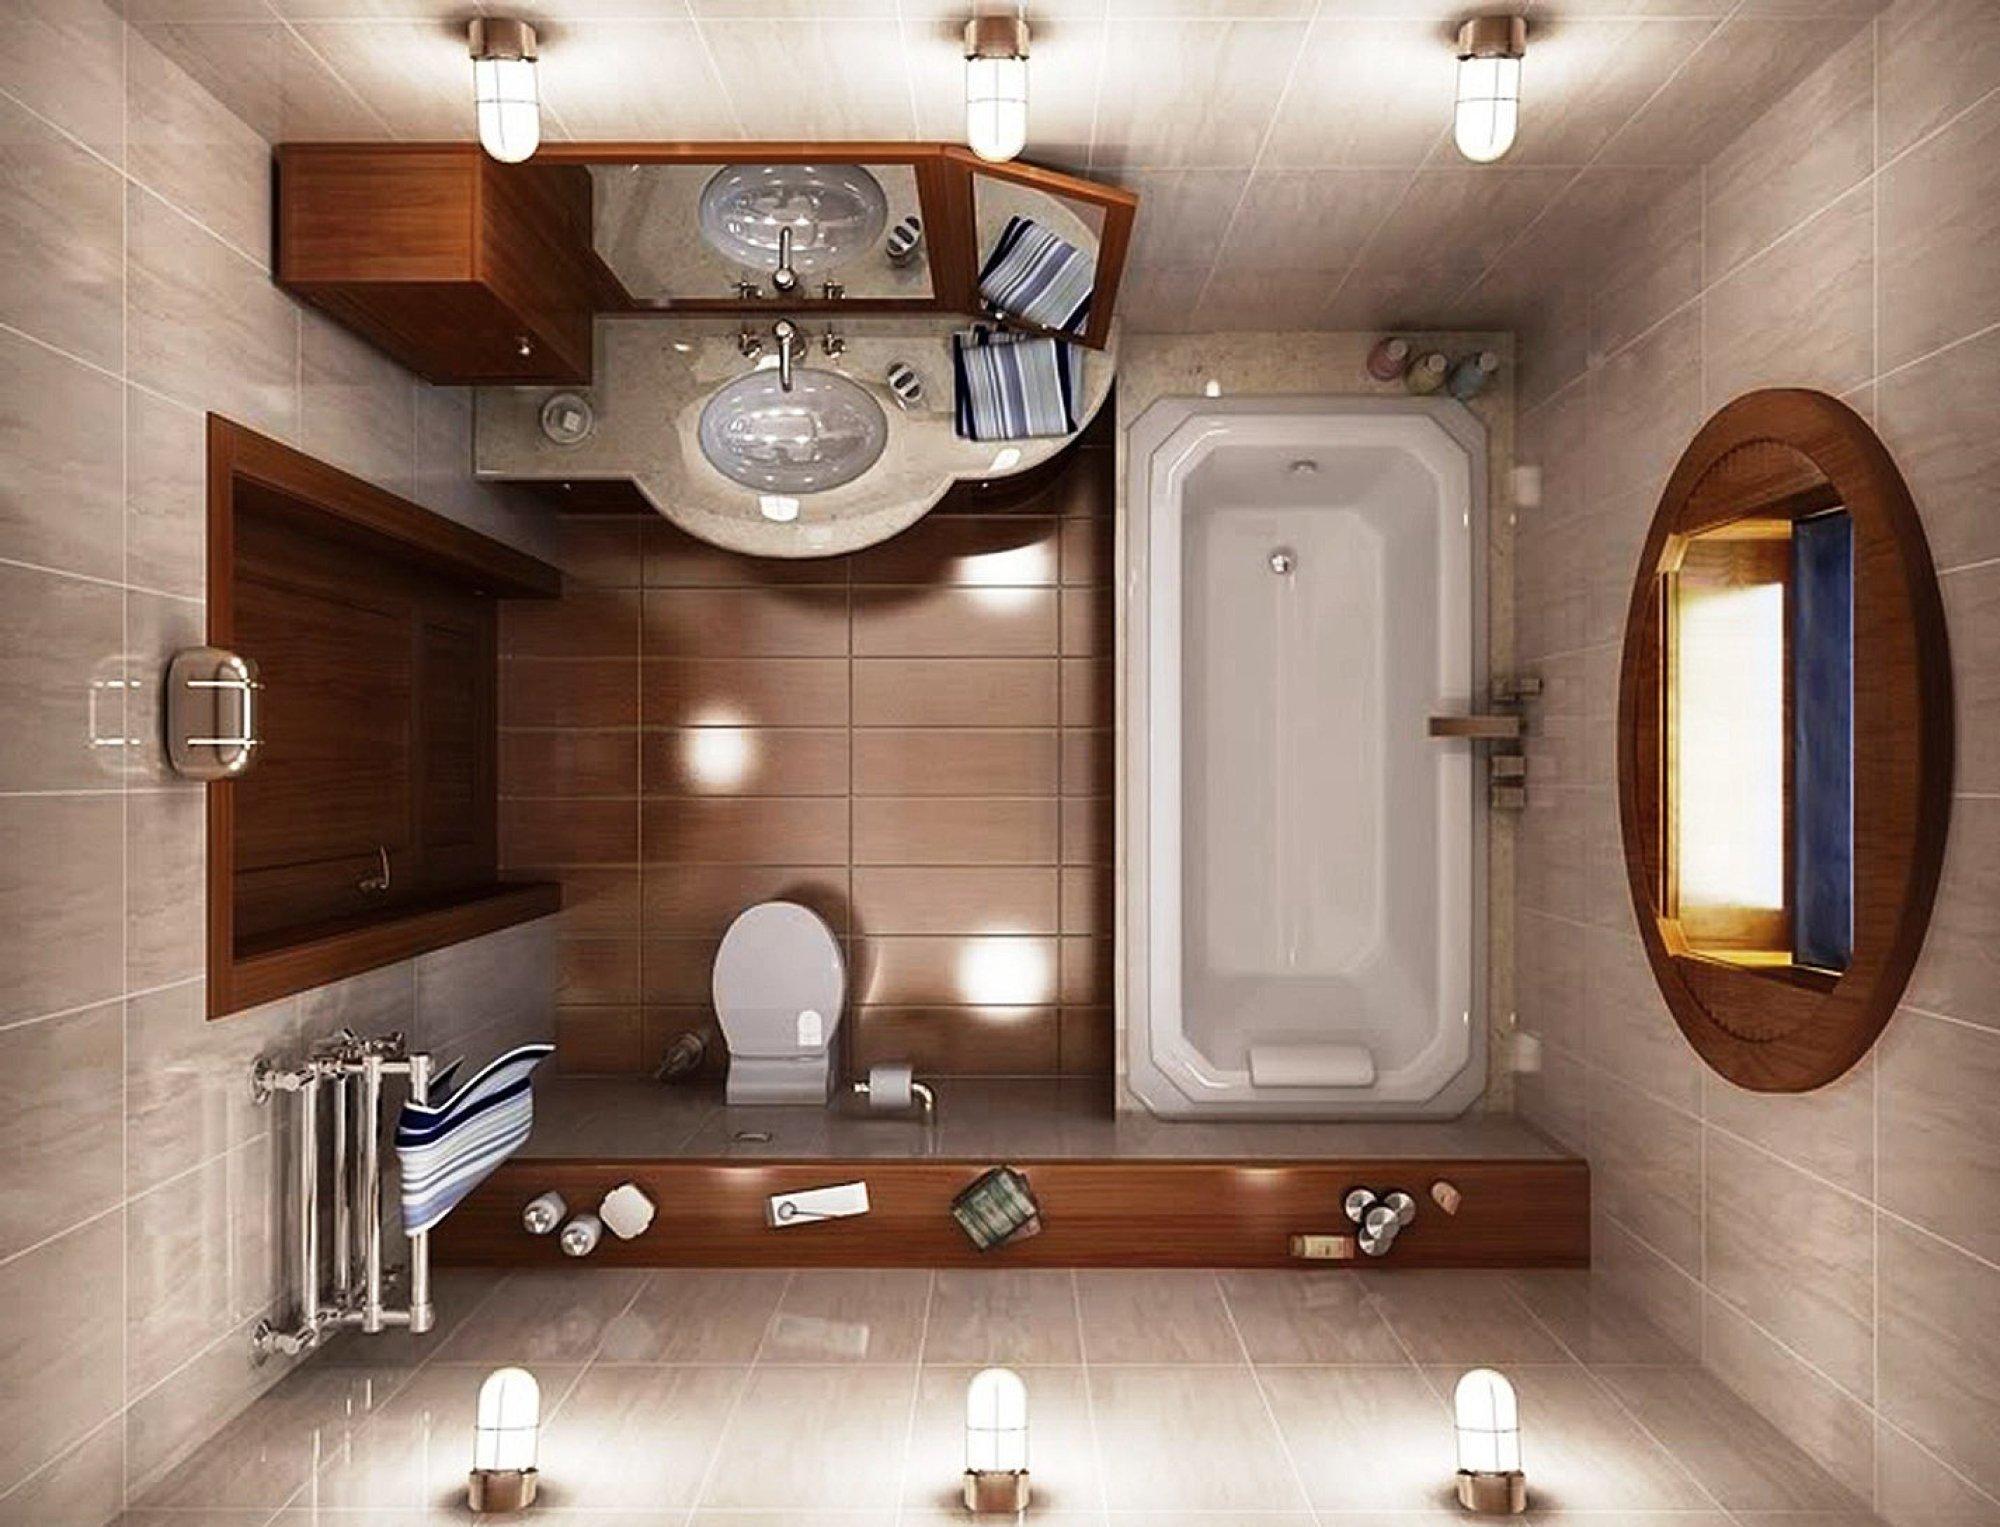 Квадратная ванная комната в коричневых тонах с деревянными аксессуарами